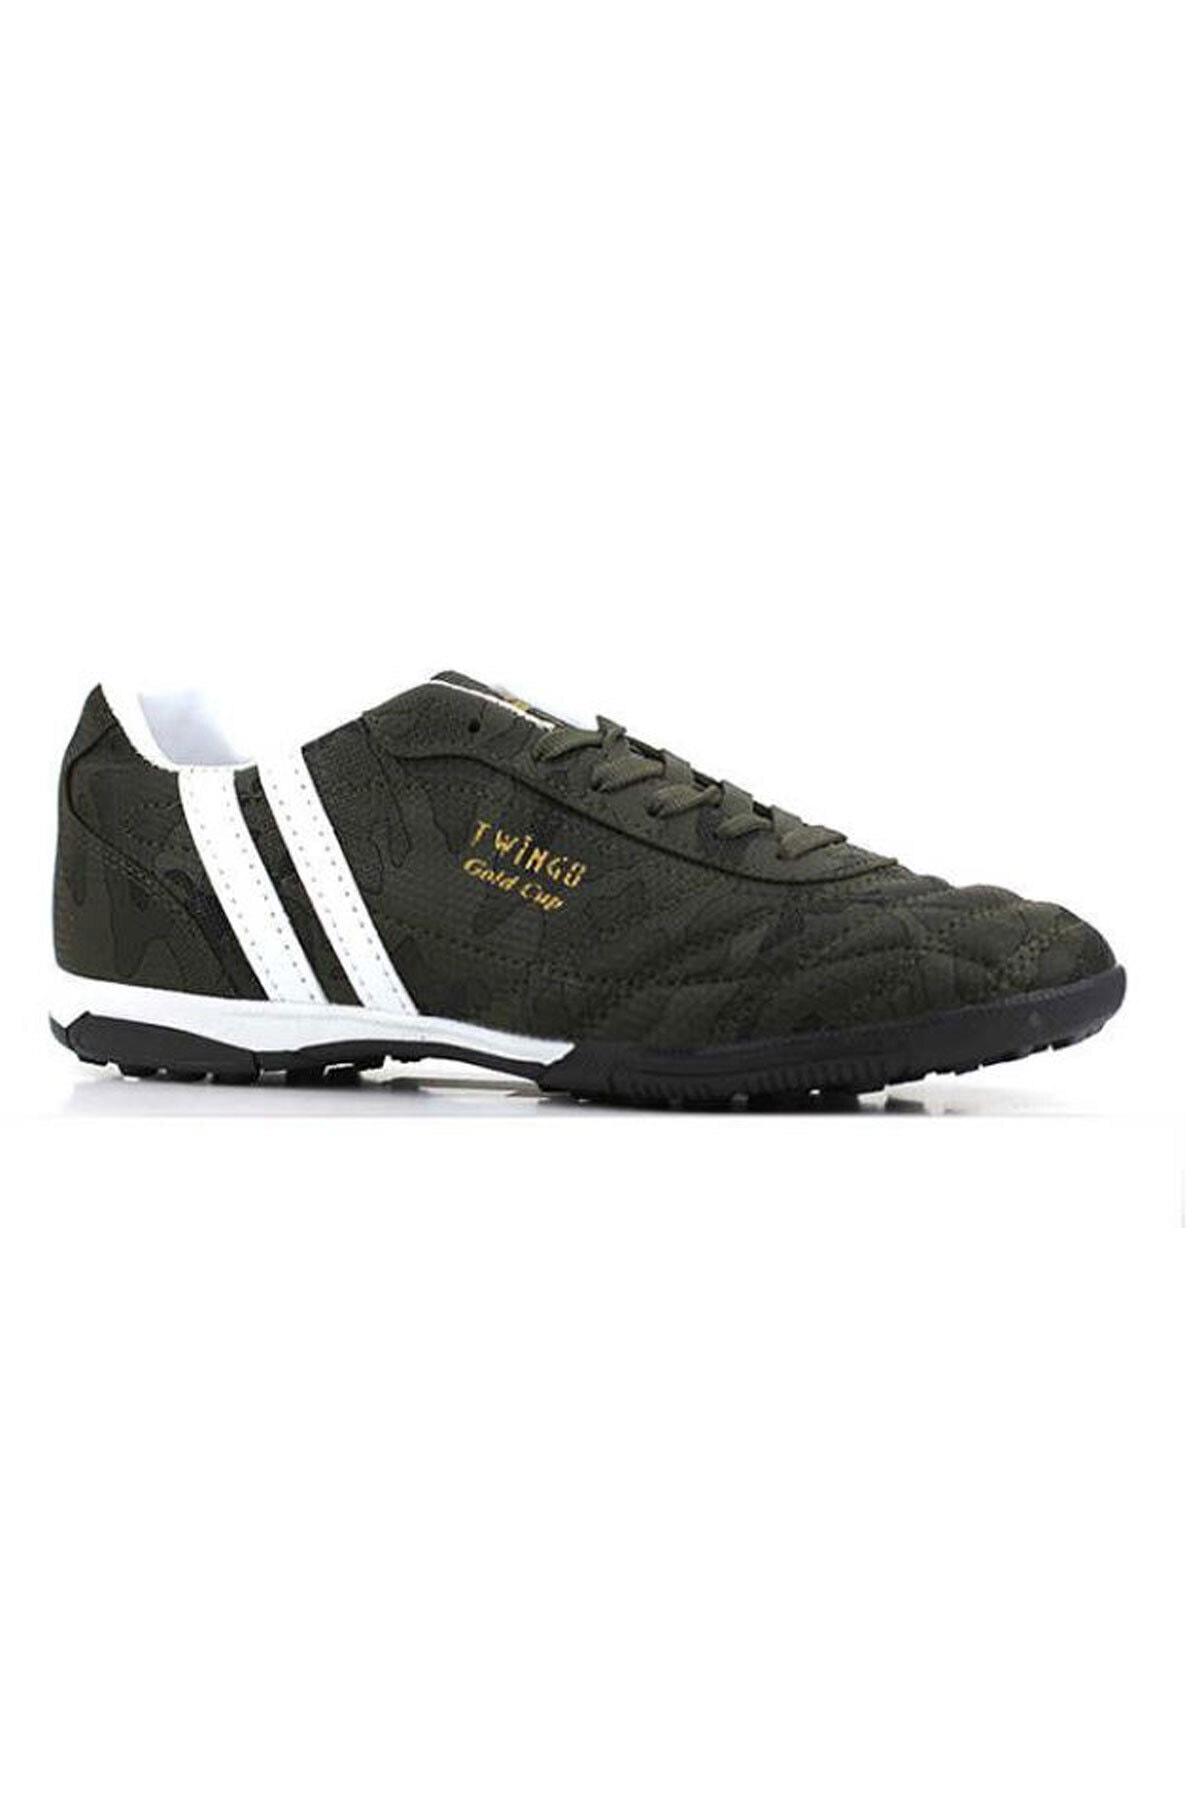 Twingo 134 Erkek Halı Saha Futbol Ayakkabısı 1